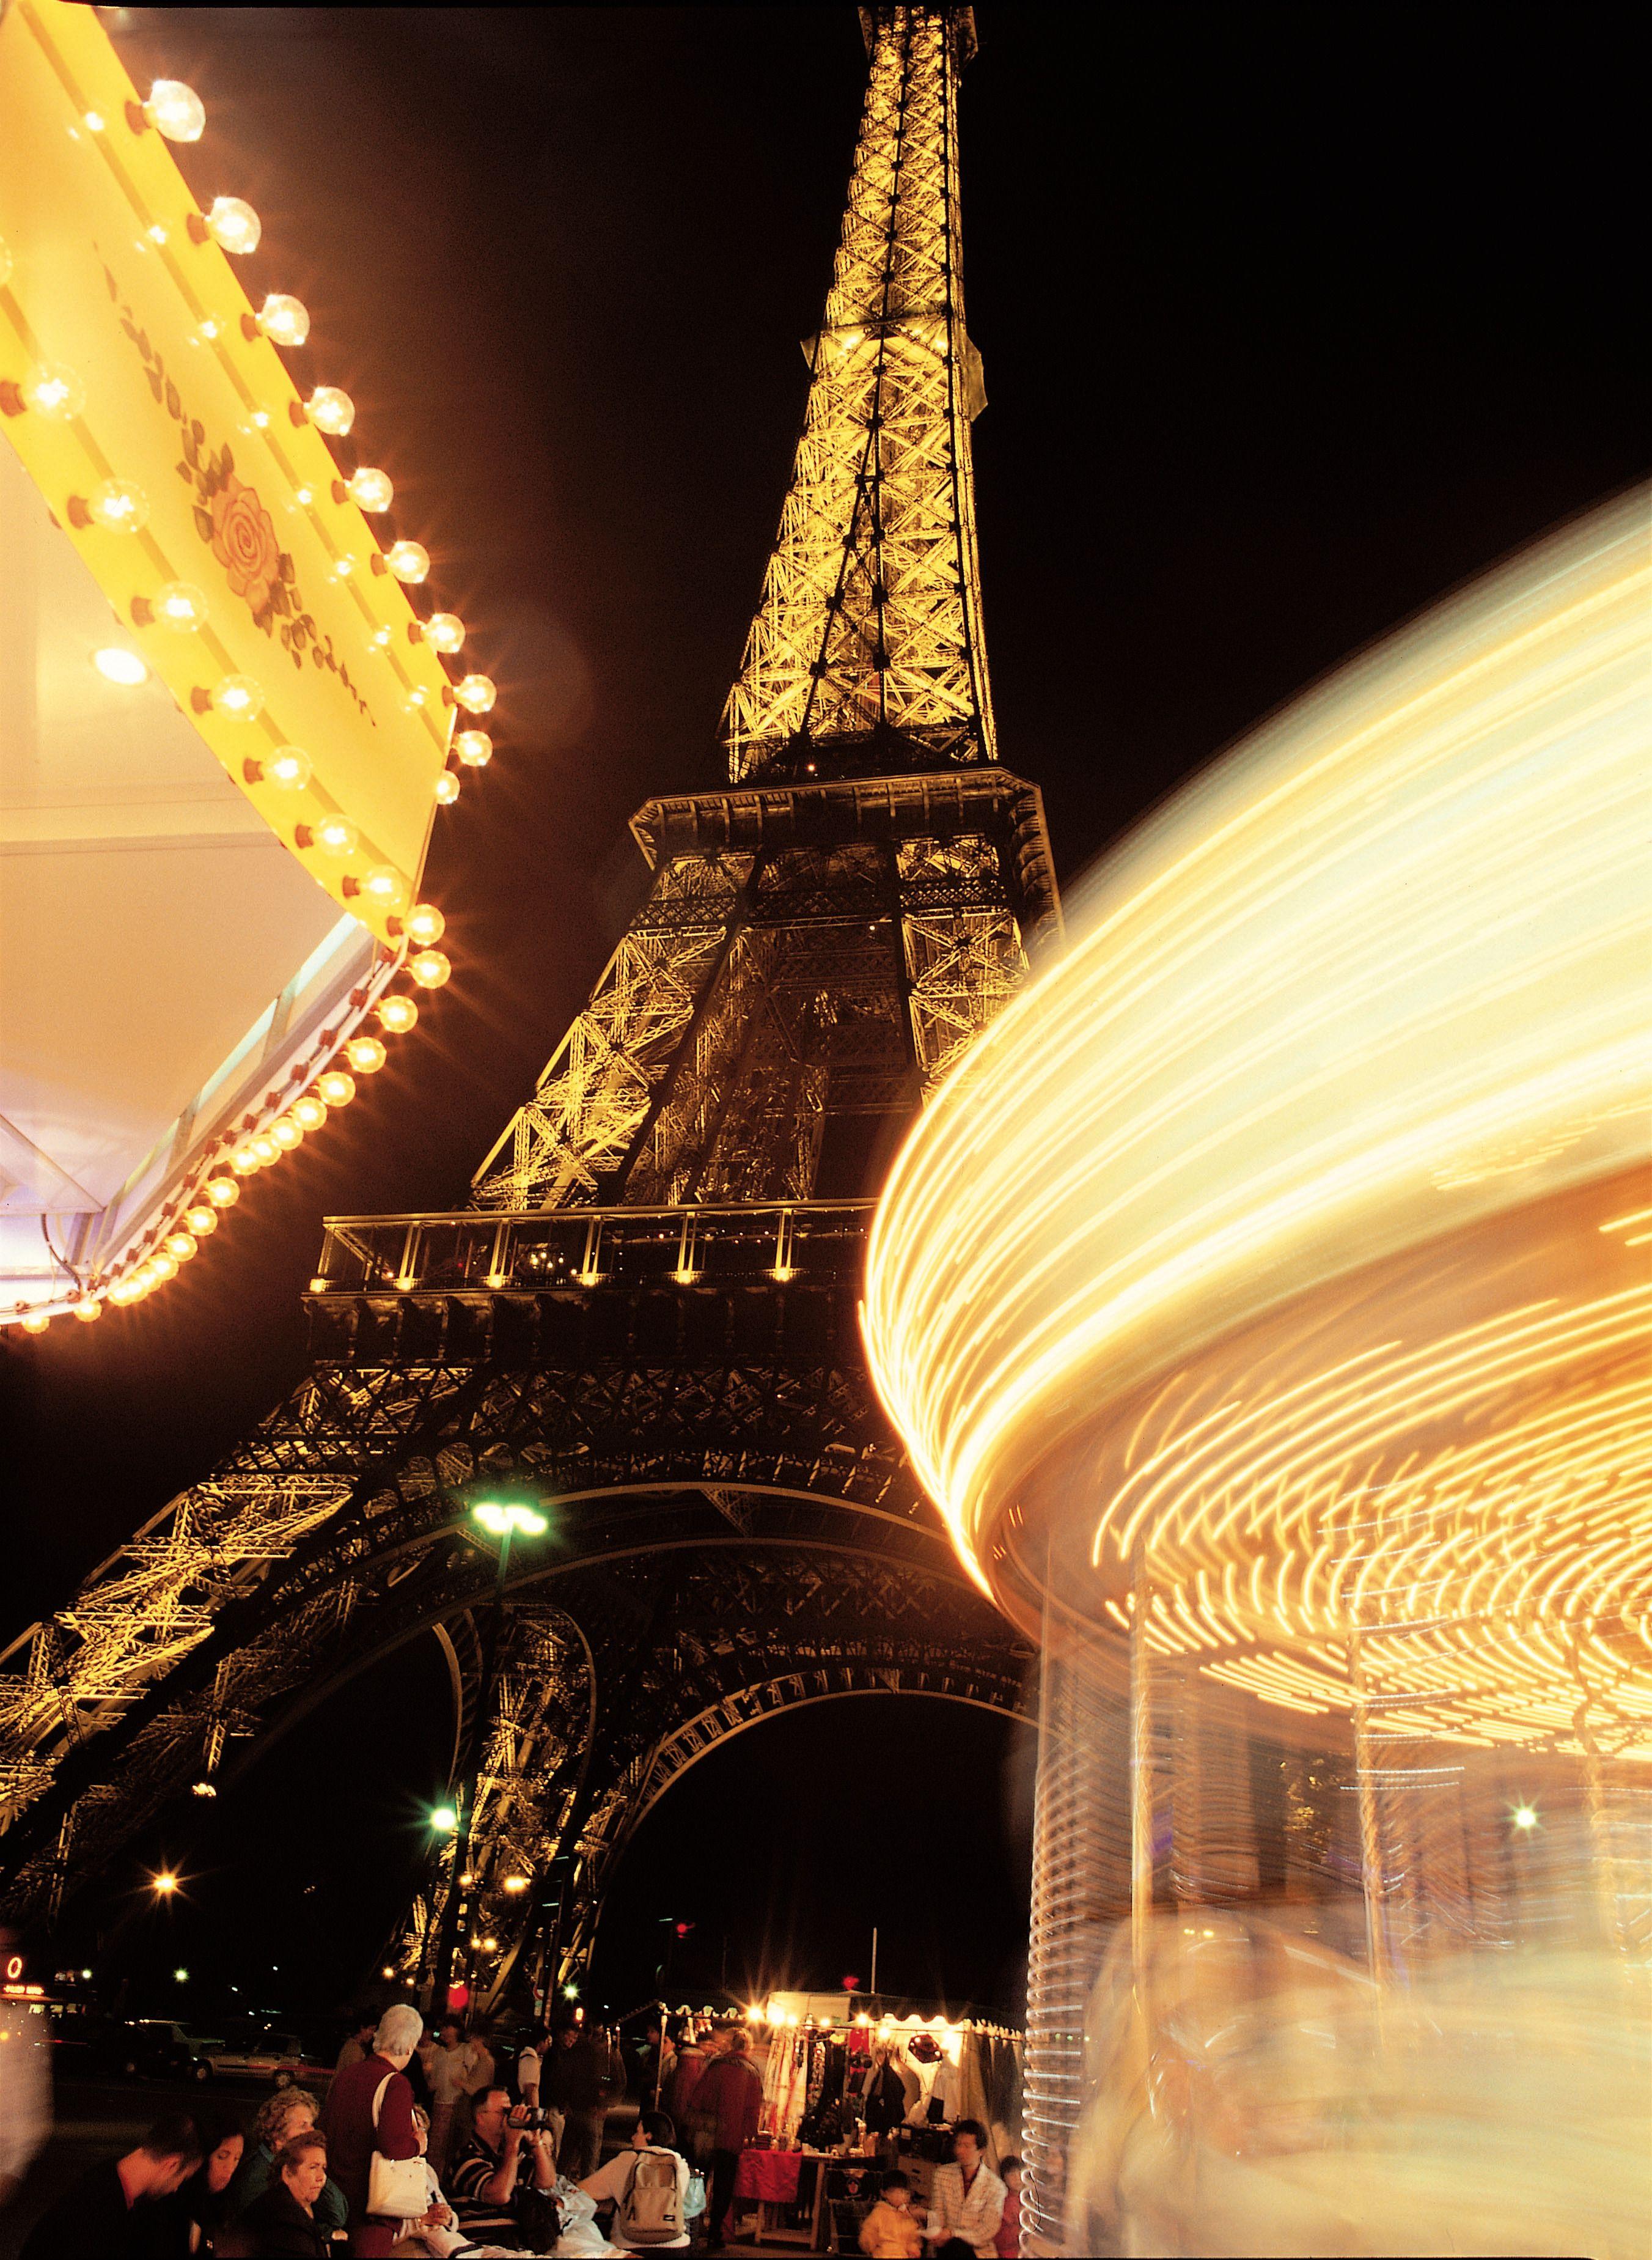 Air France - Italy - Bonjour Paris - Il 30 giugno prepari le valigie e si tenga pronto ad imbarcarsi, la sera stessa, su un volo Air France per Parigi e a trascorrere un indimenticabile incontro con la Ville Lumière!